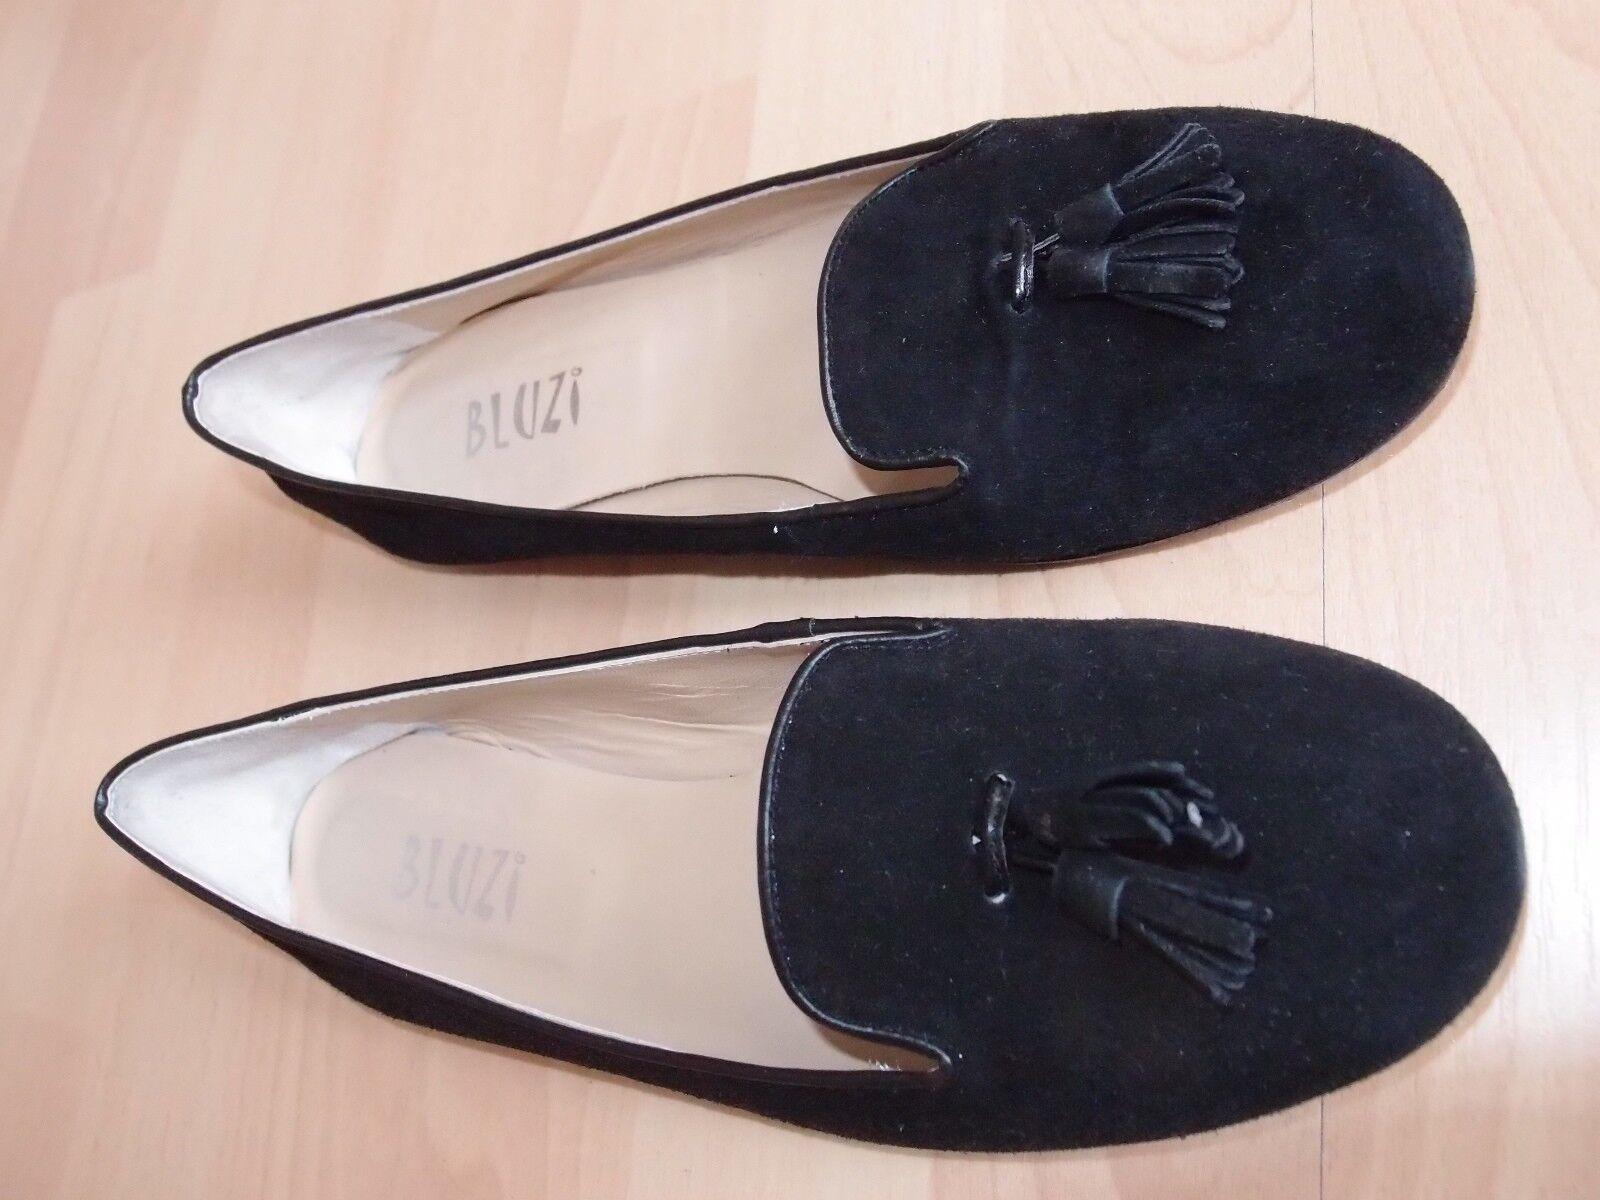 Italienische Designer-Ballerinas im College-Stil Gr. 39 Leder schwarz